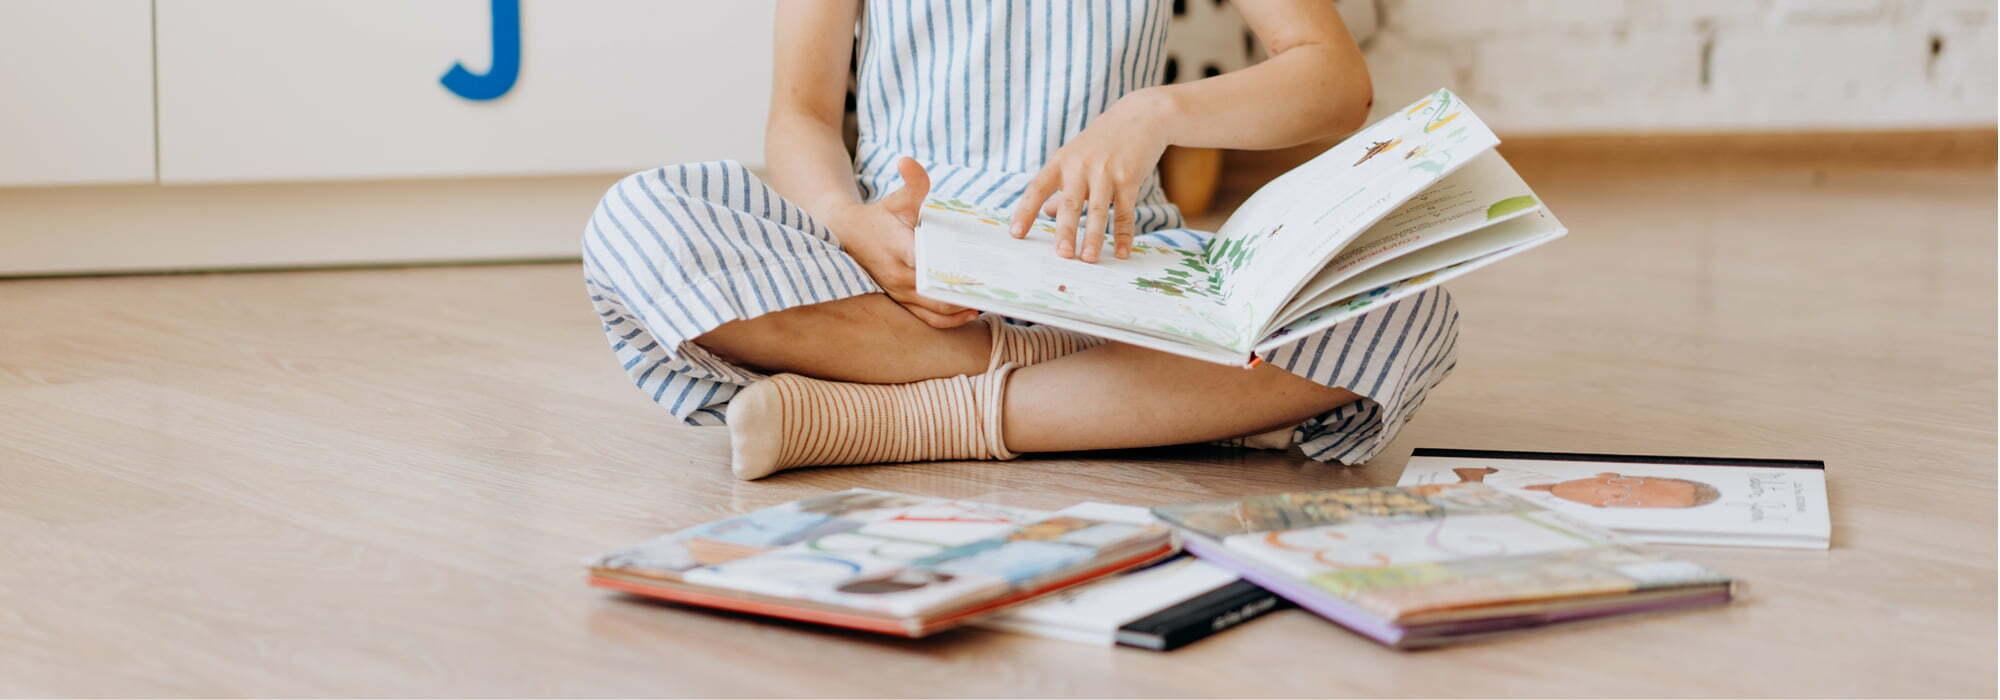 讓小孩喜歡上看書|如何培養孩子閱讀習慣|5種方法提高小朋友閱讀興趣